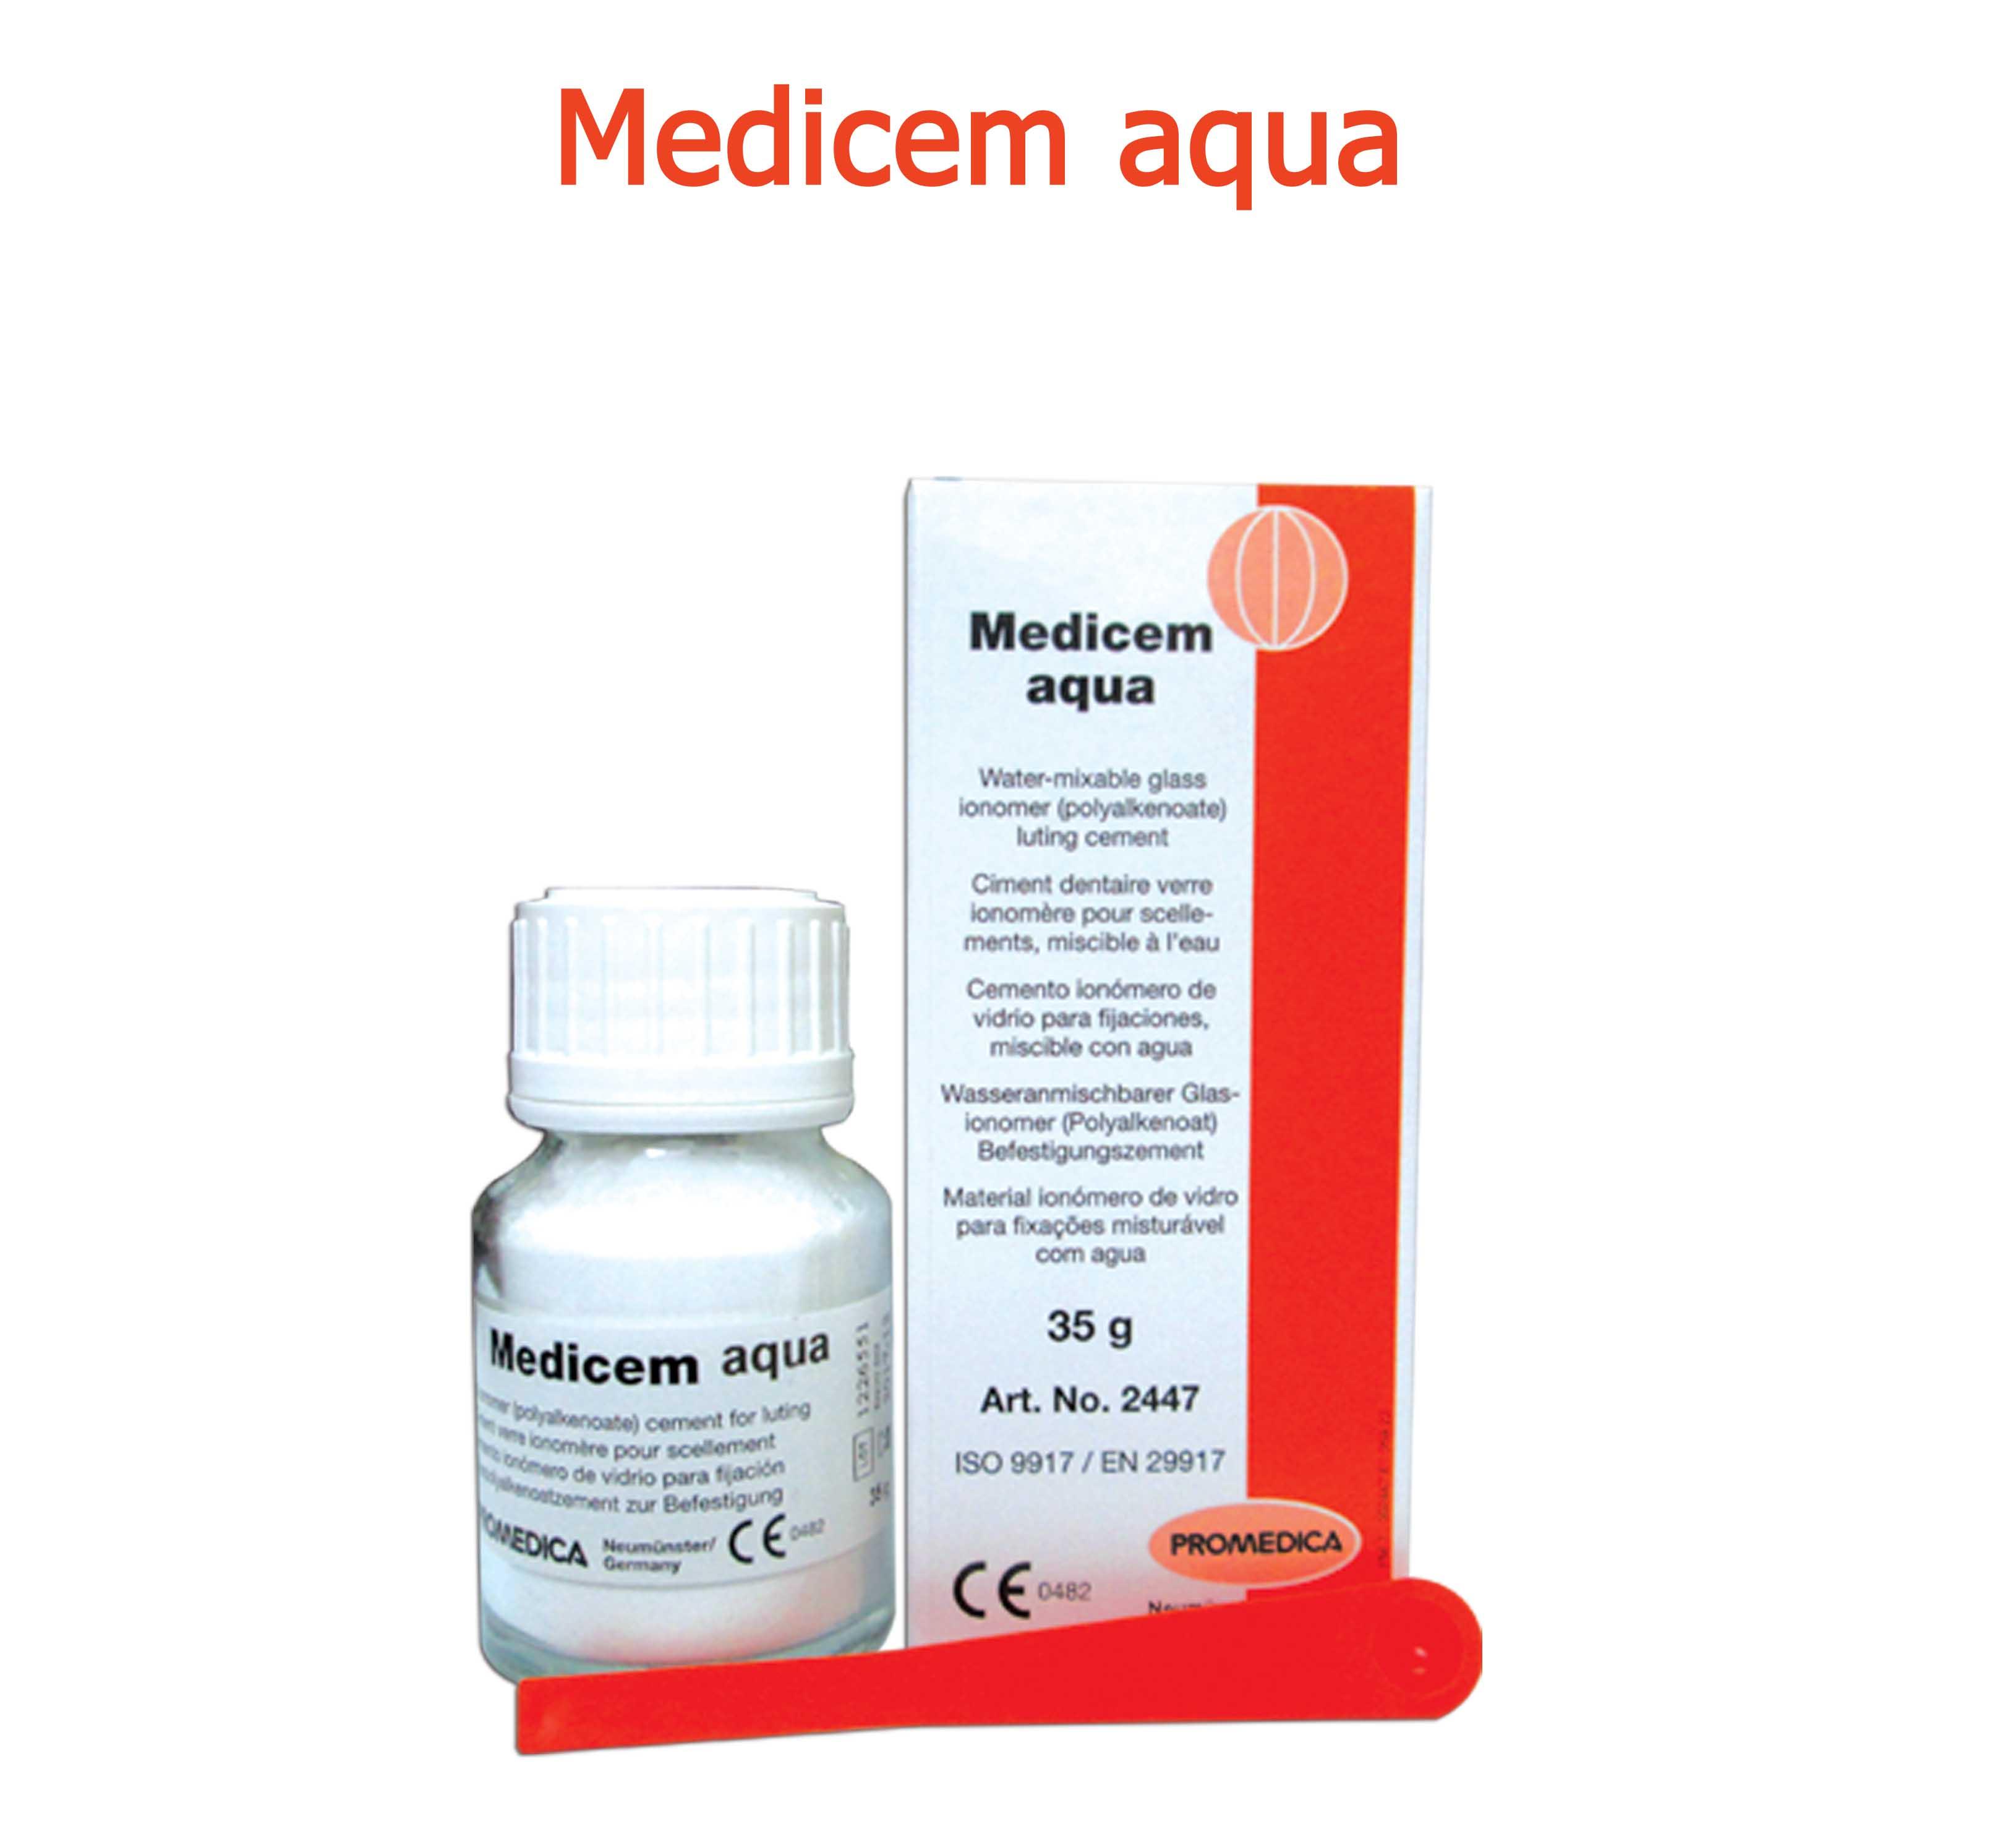 Medicem Aqua